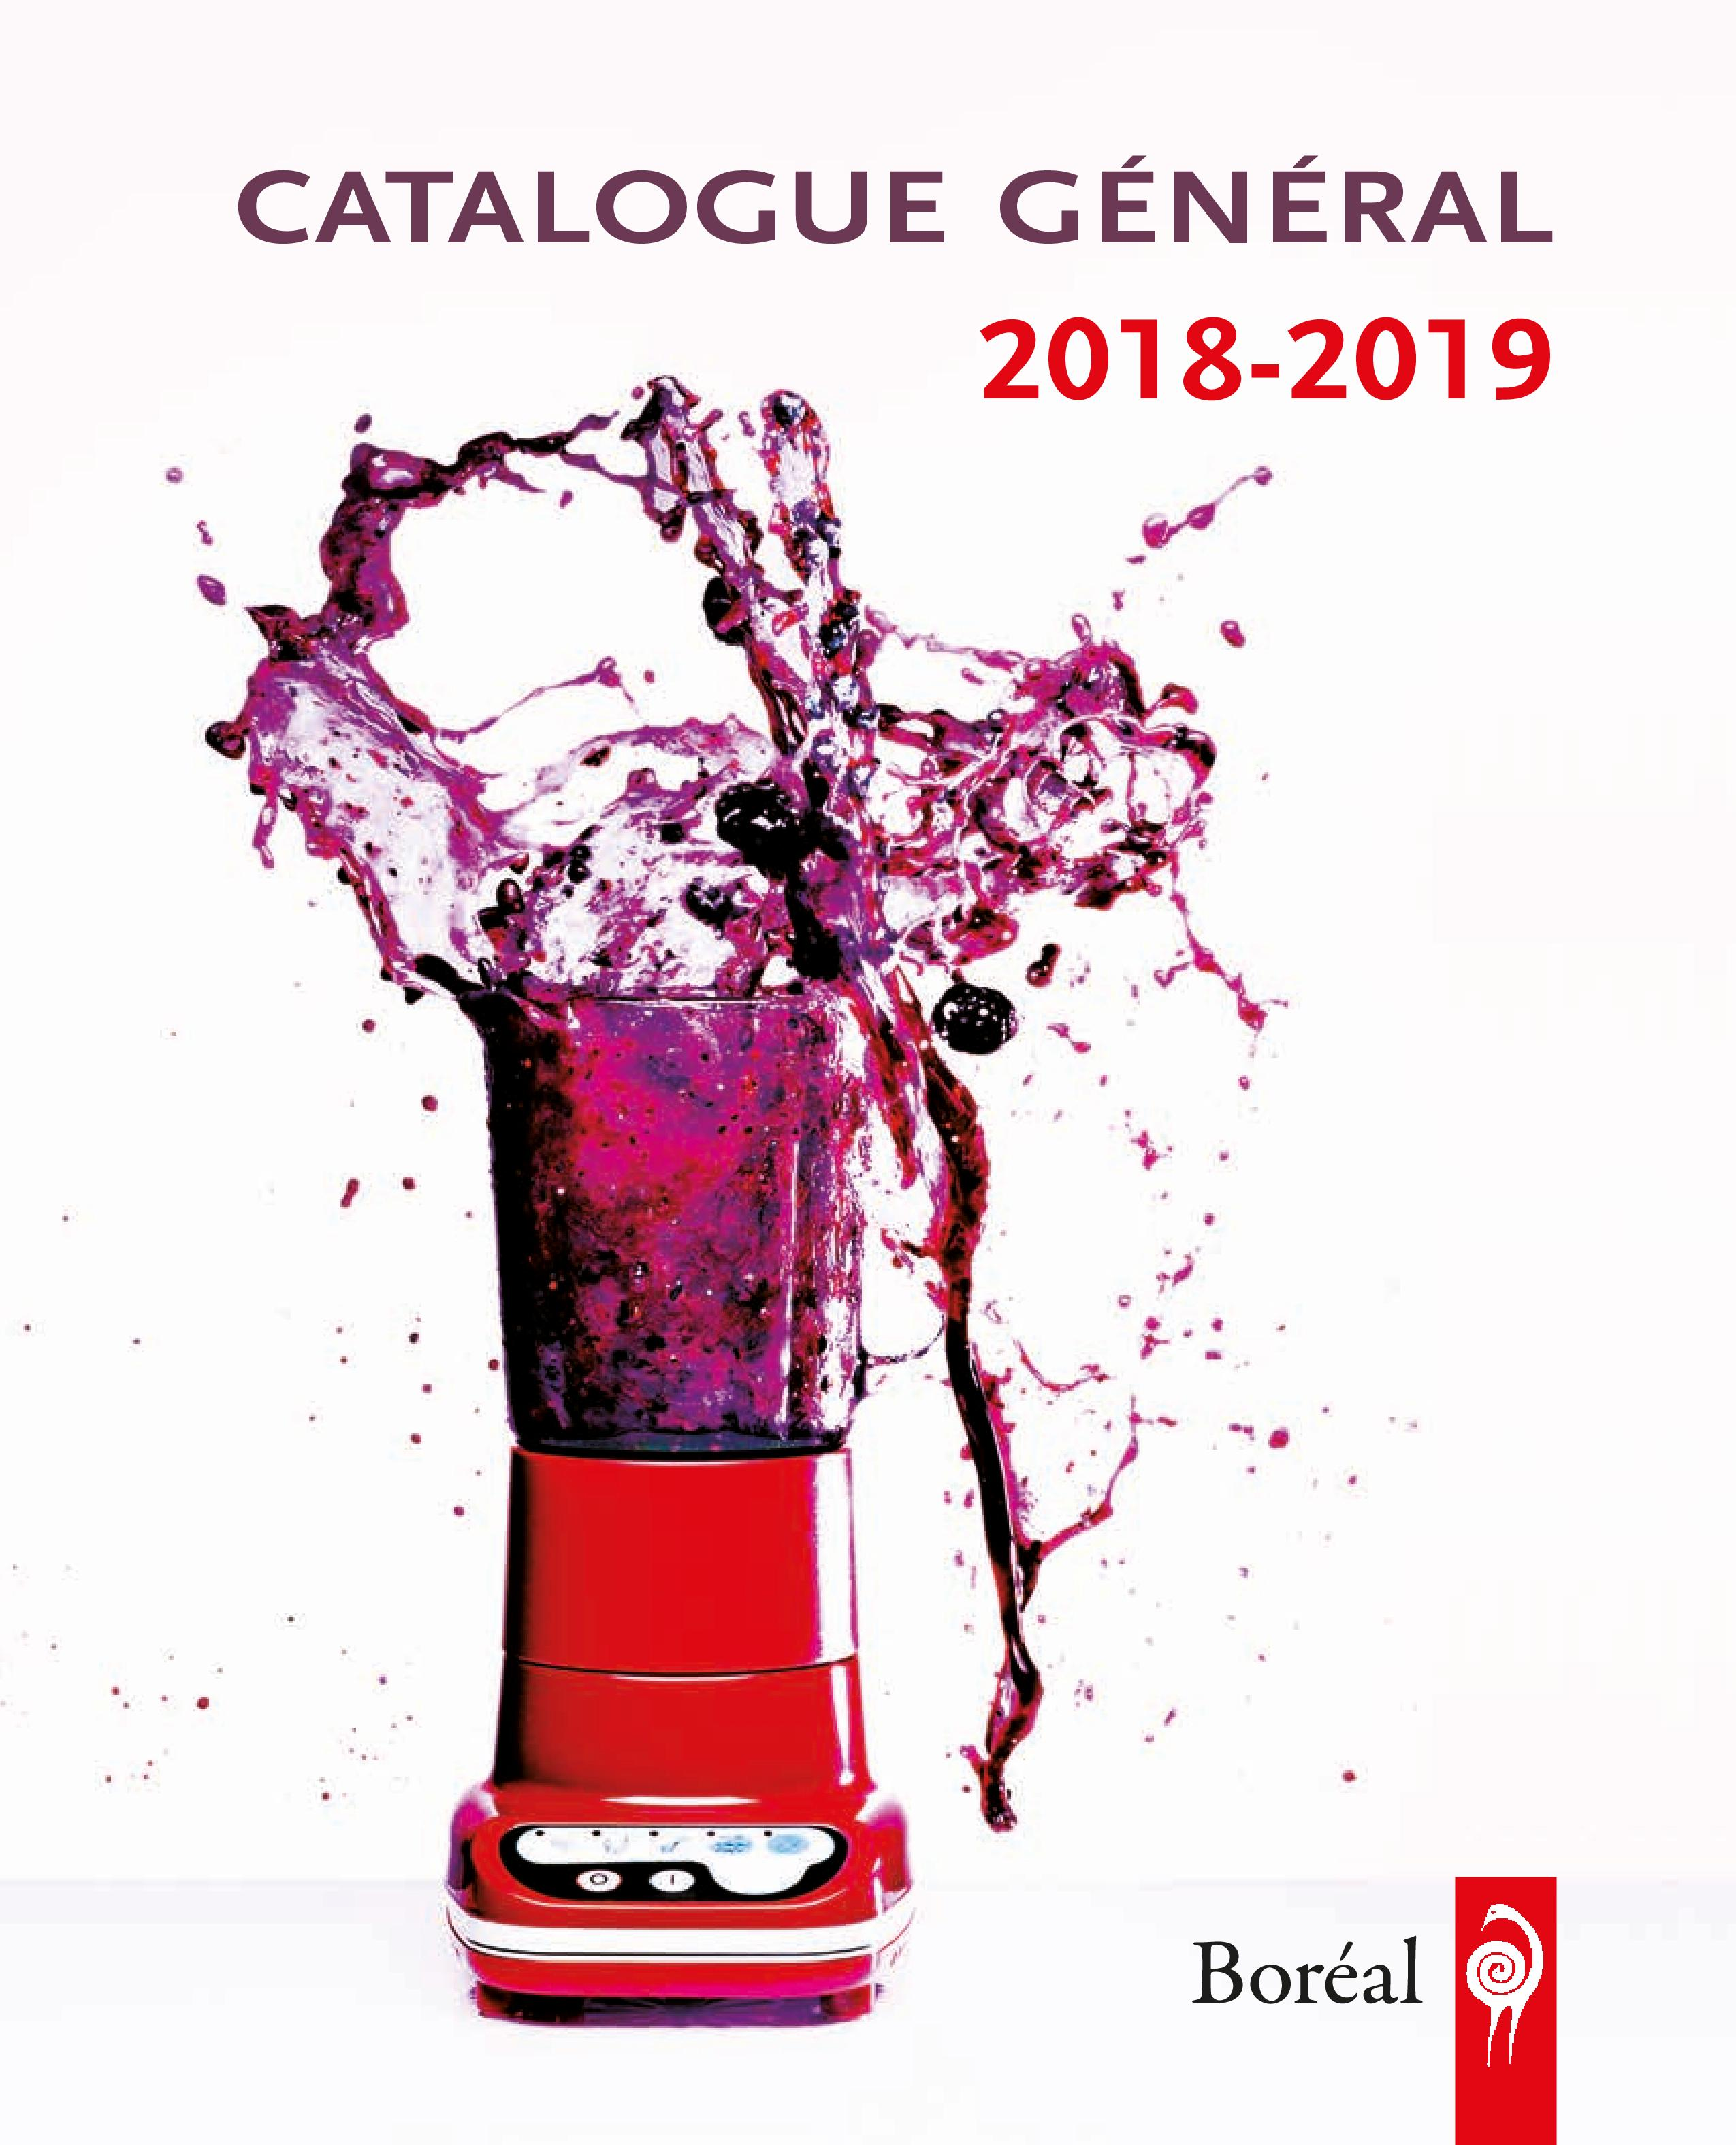 Le Catalogue général